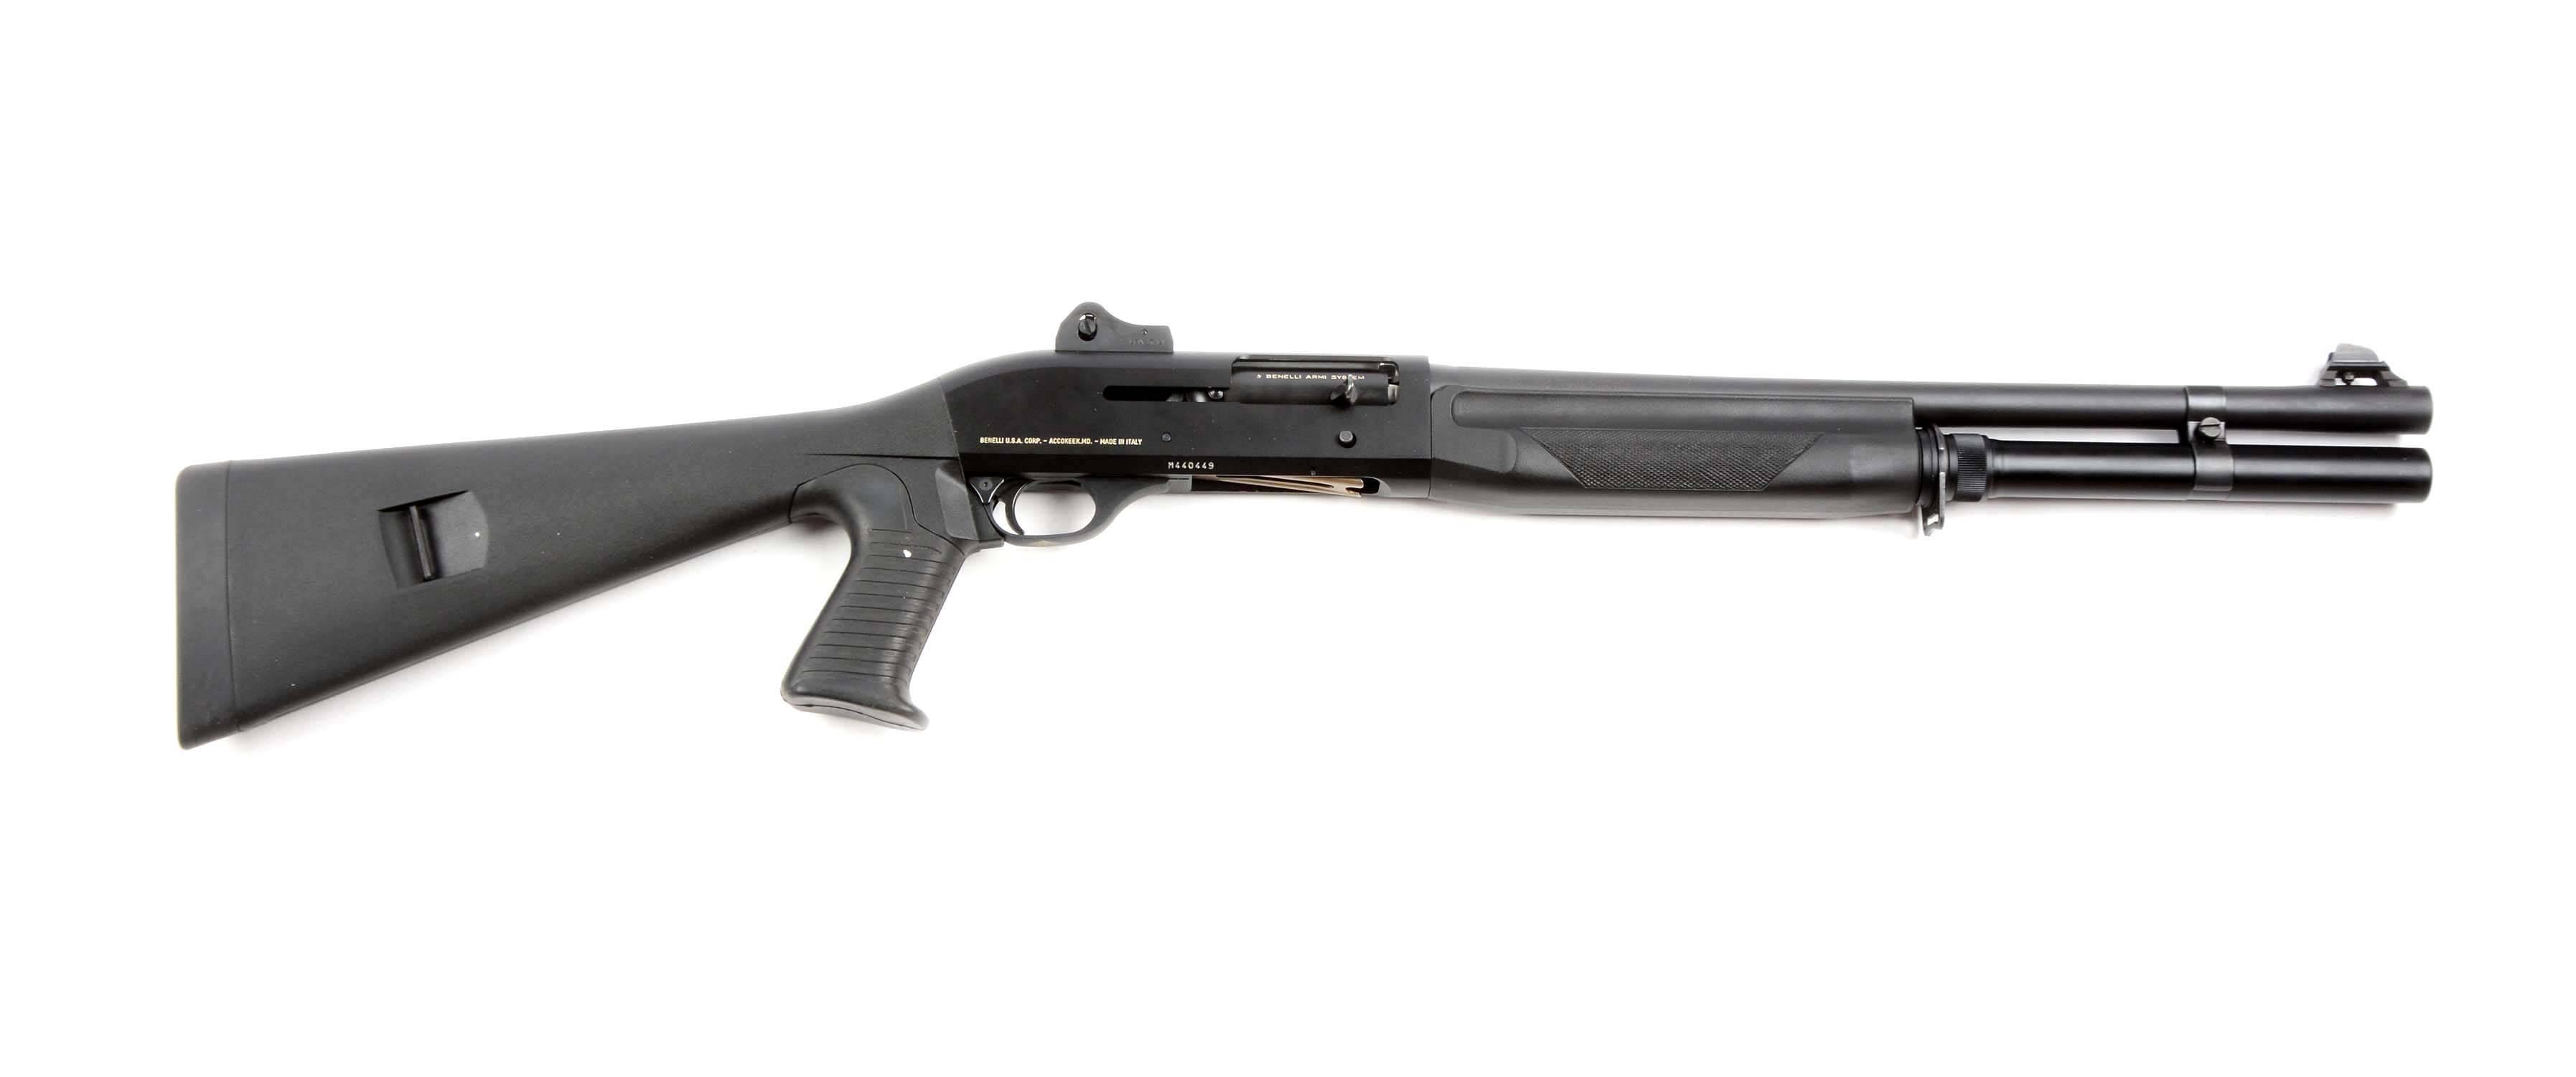 Гладкоствольное ружье Benelli M1 Super 90